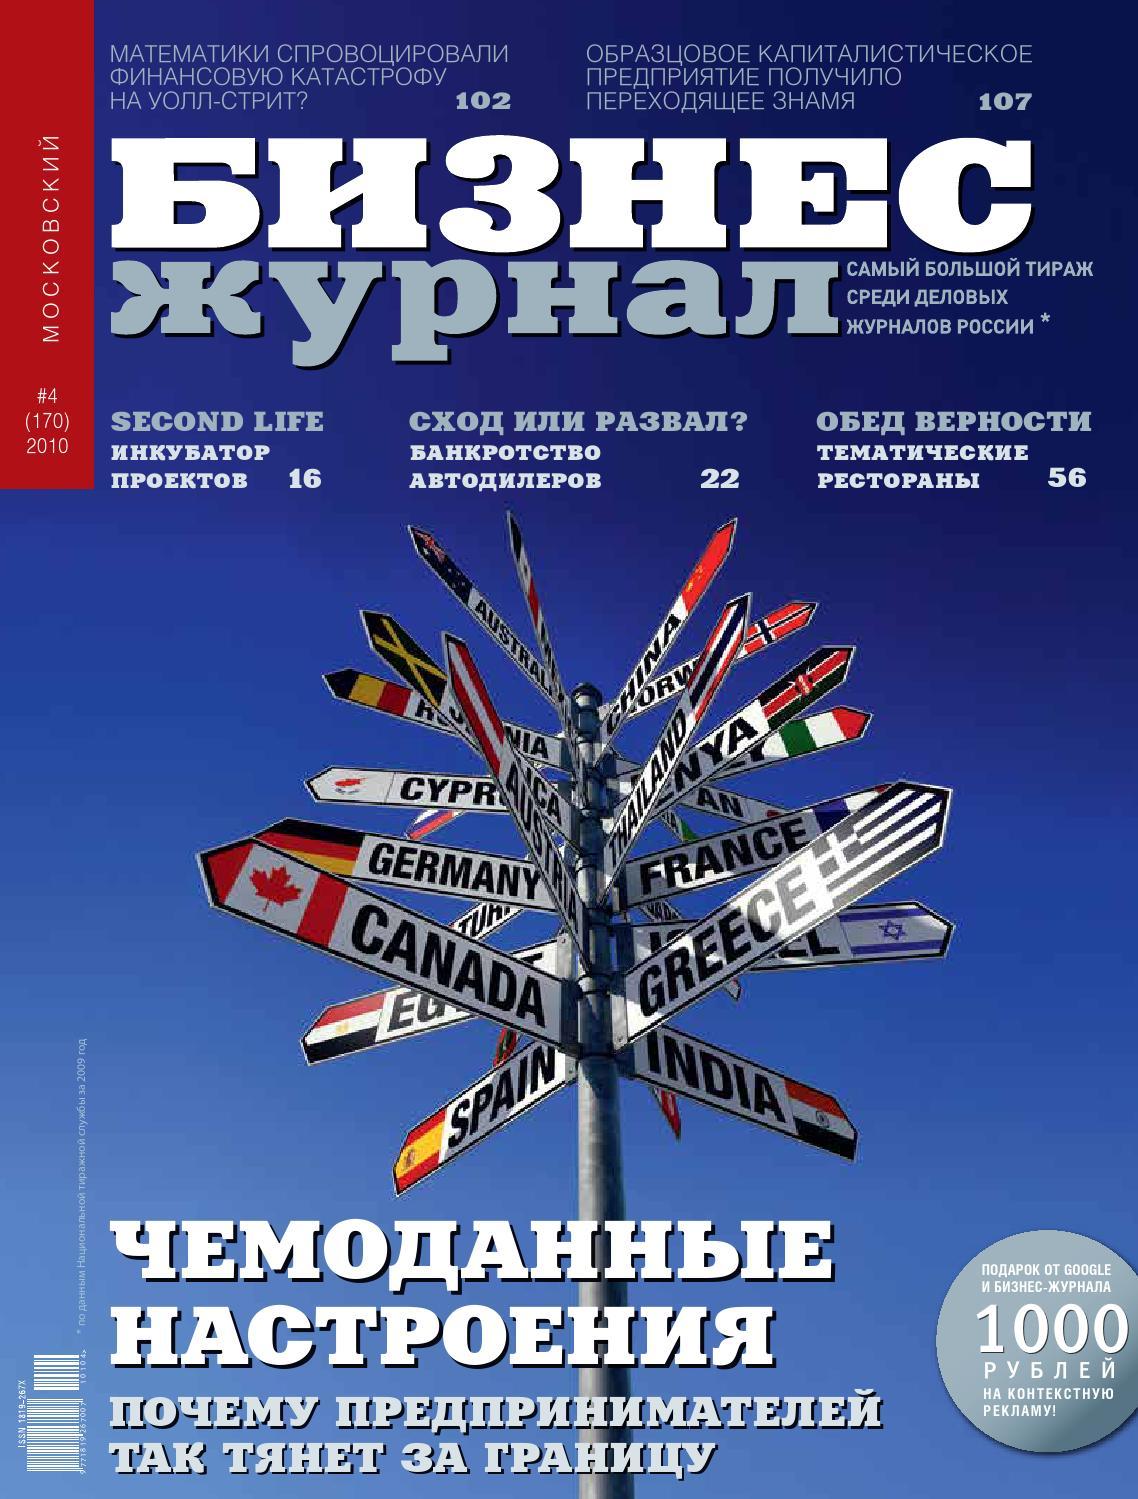 Russland chatroulette Chatroulette —